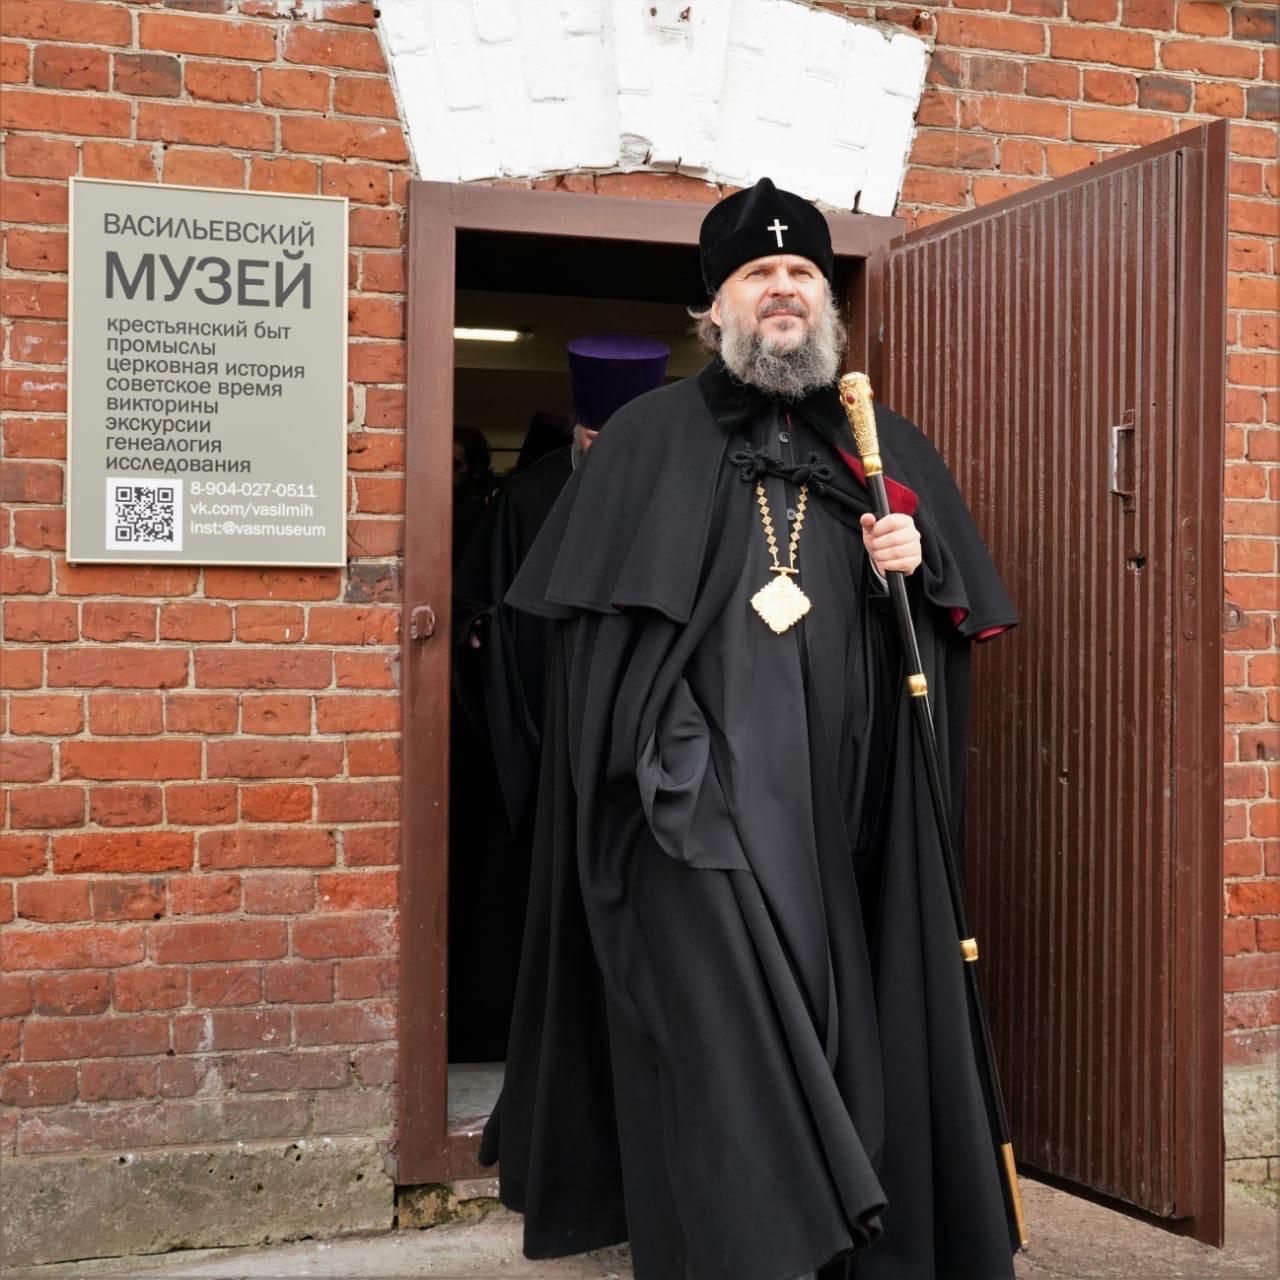 Митрополит Амвросий посетил музей гвоздарей под Тверью